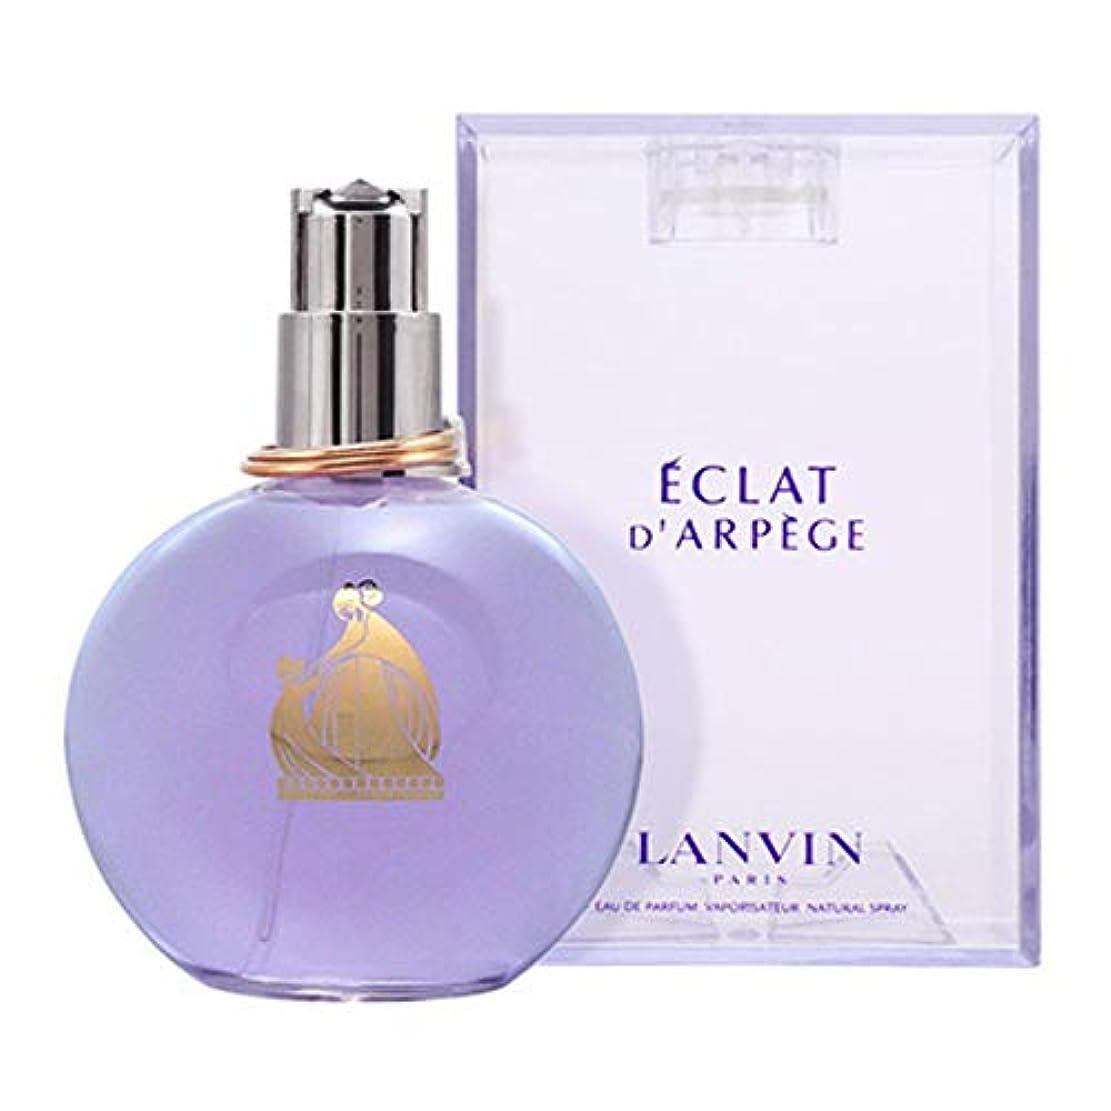 用心深い中性ジュースランバン エクラ ドゥ アルページュ オードパルファム EDP 50mL 香水